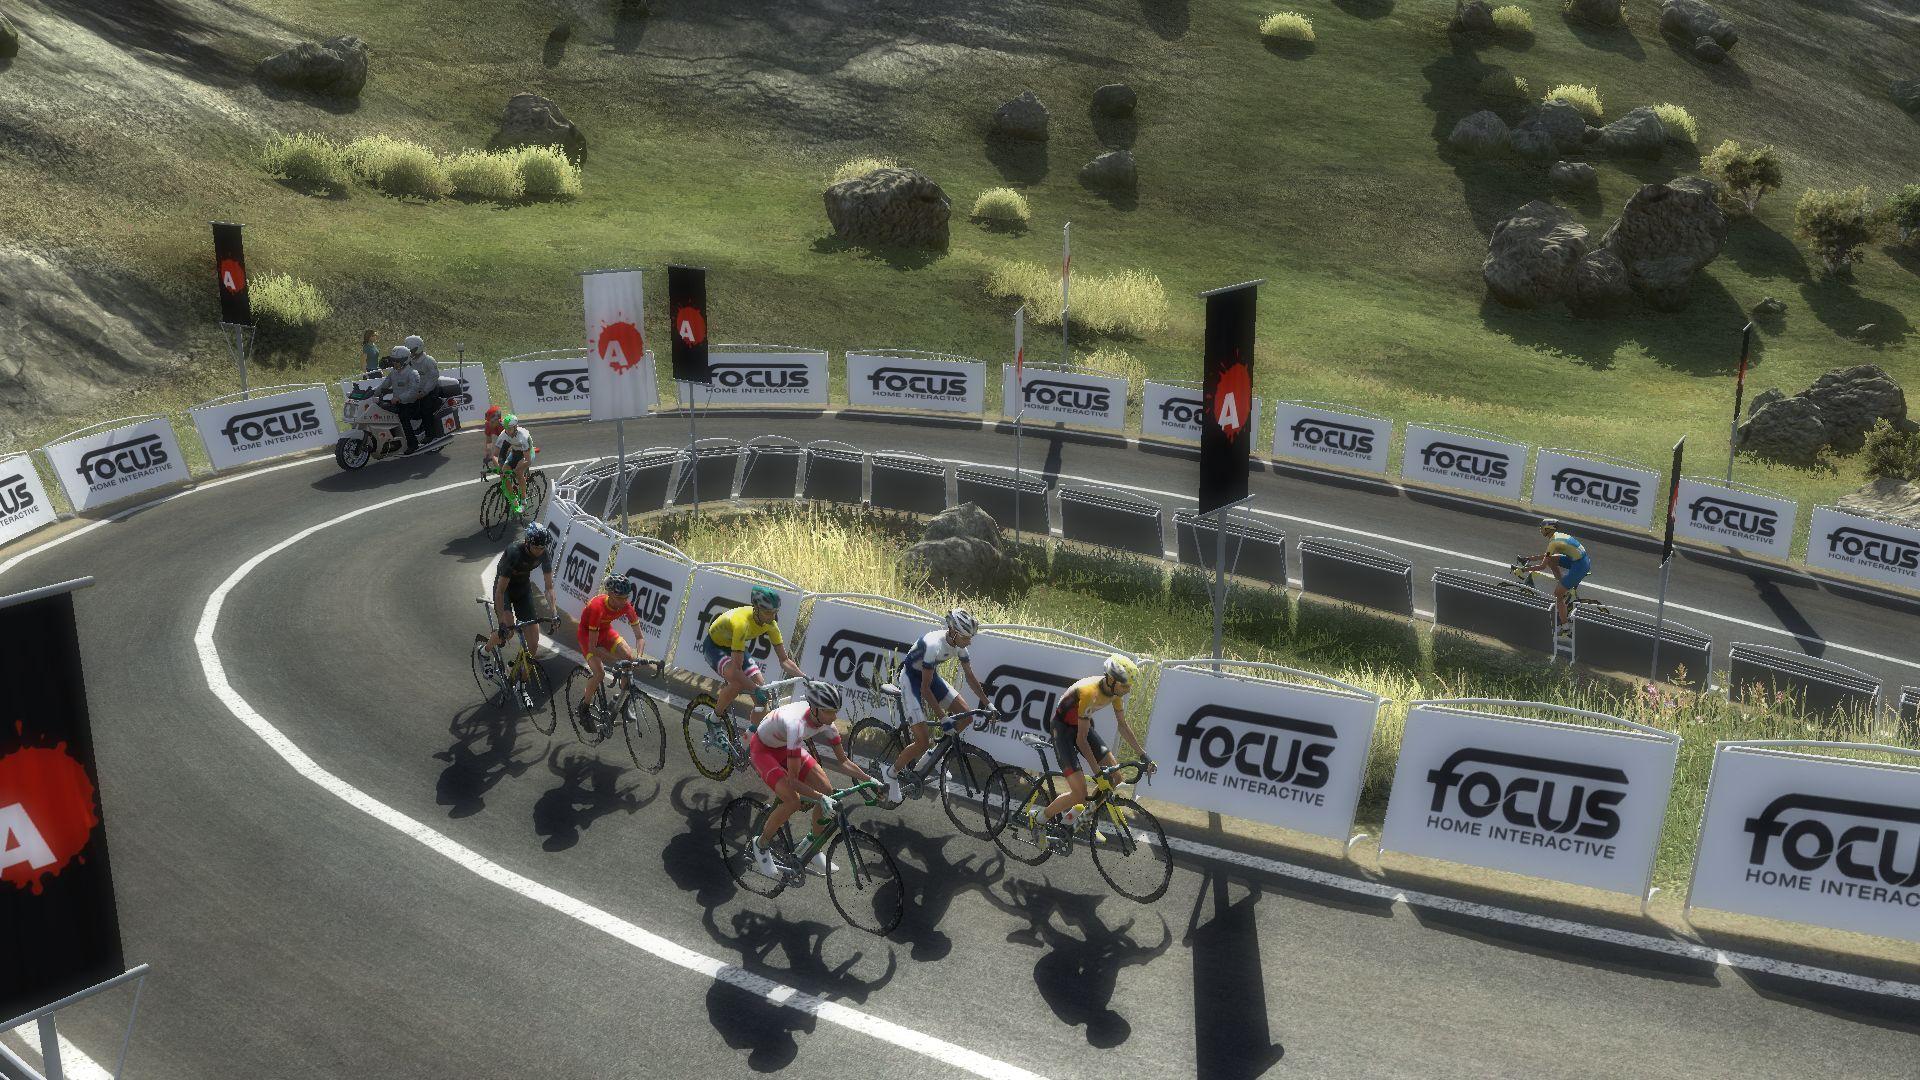 pcmdaily.com/images/mg/2020/Reports/C1/Andorra/TdAS5%2028.jpg